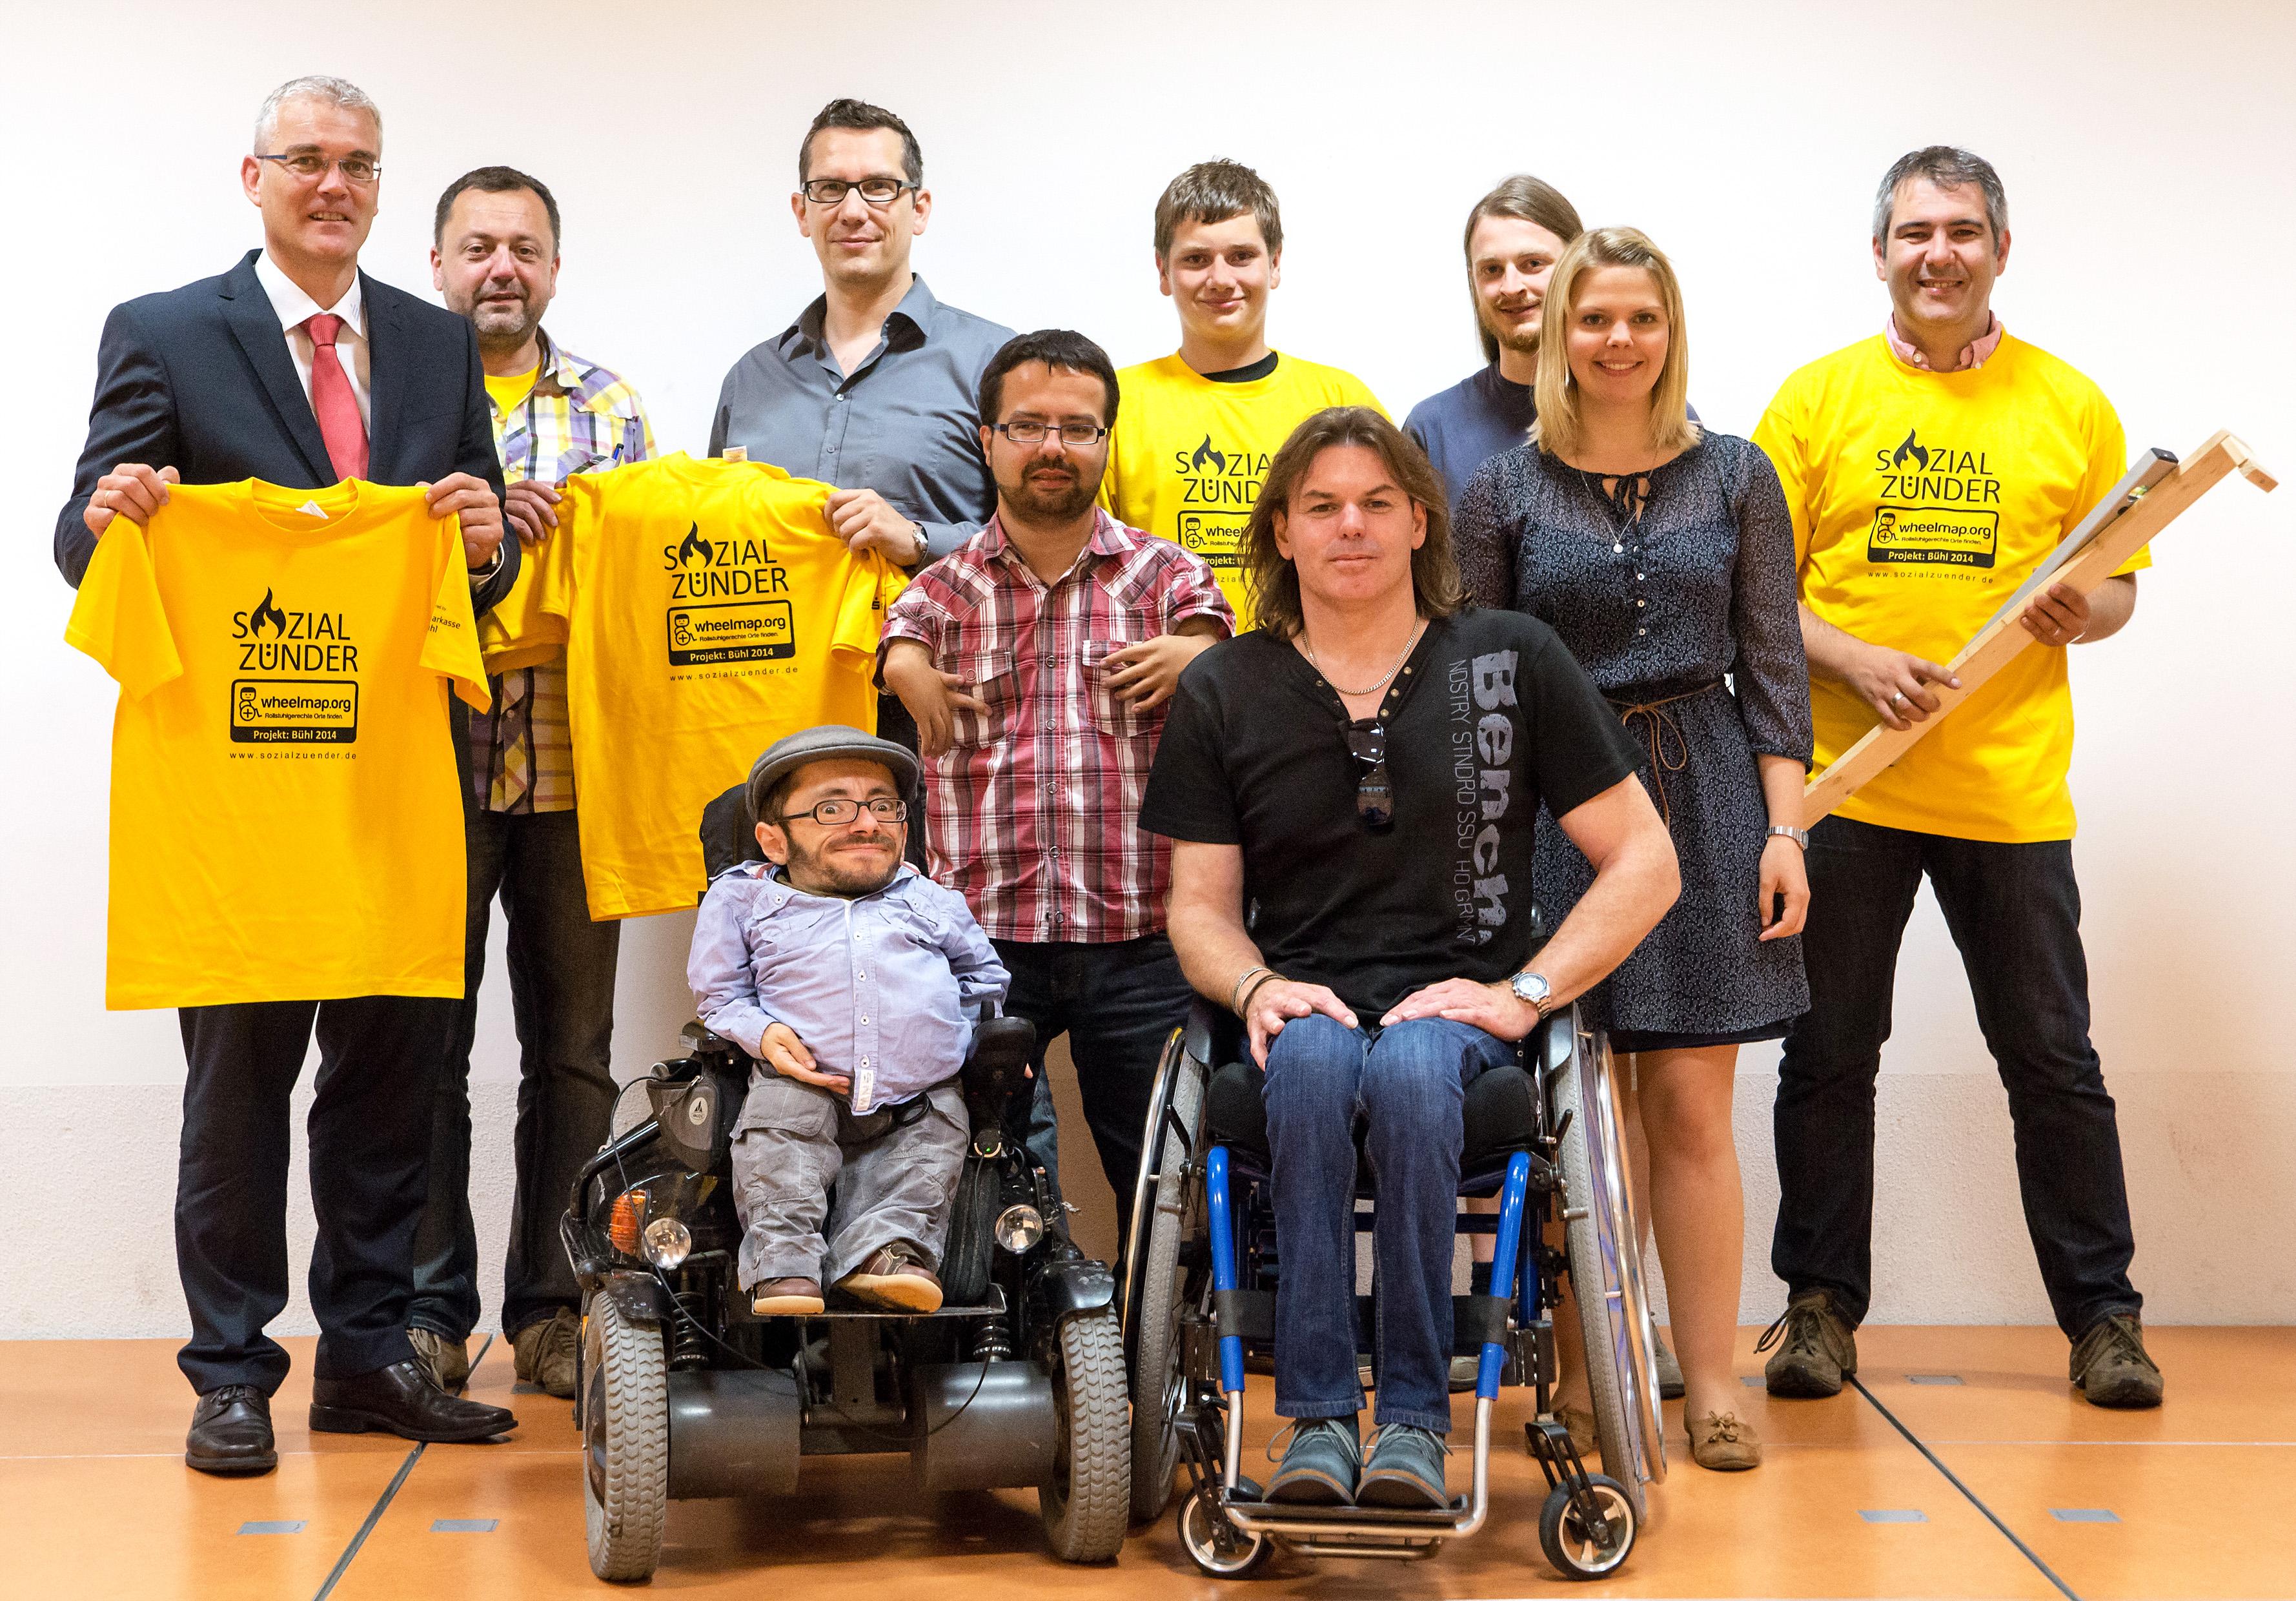 Die SOZIALZÜNDER mit Raul Krauthausen, Schulvertretern und Sponsor beim Vortragsabend zum Wheelmap-Projekt 2014 (Foto: Daniel Reuss)